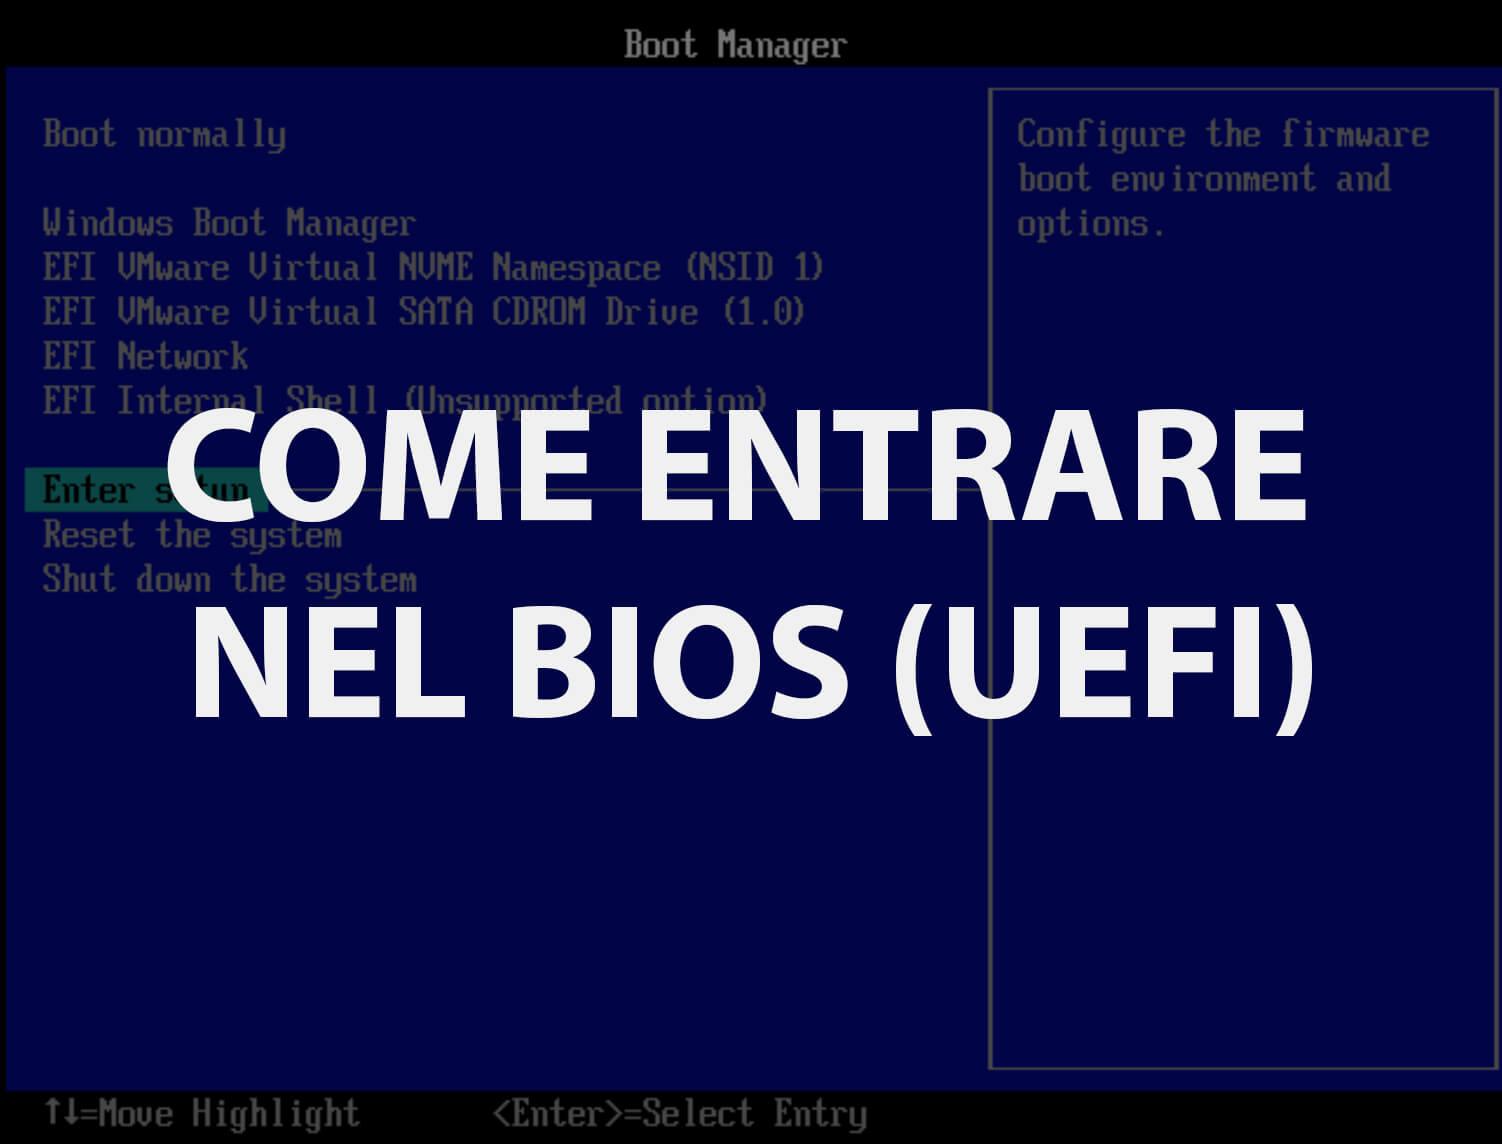 Come entrare nel BIOS UEFI Windows 10